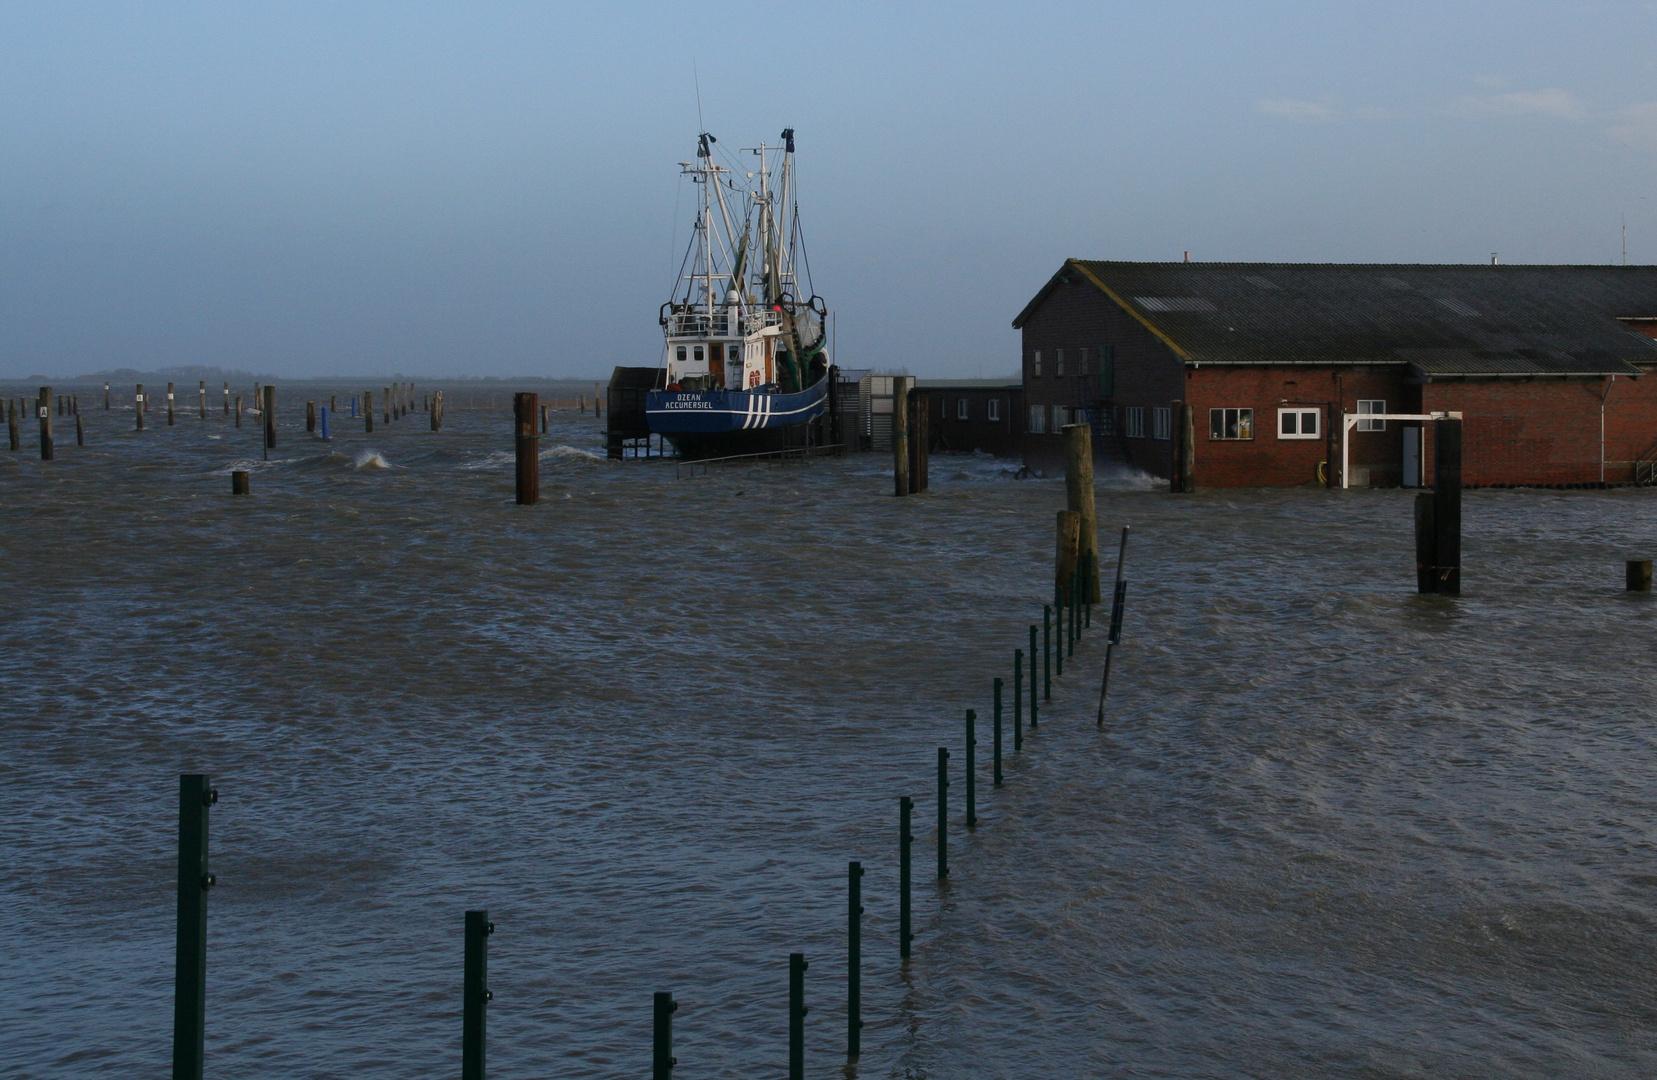 Hochwasser in Accumersiel